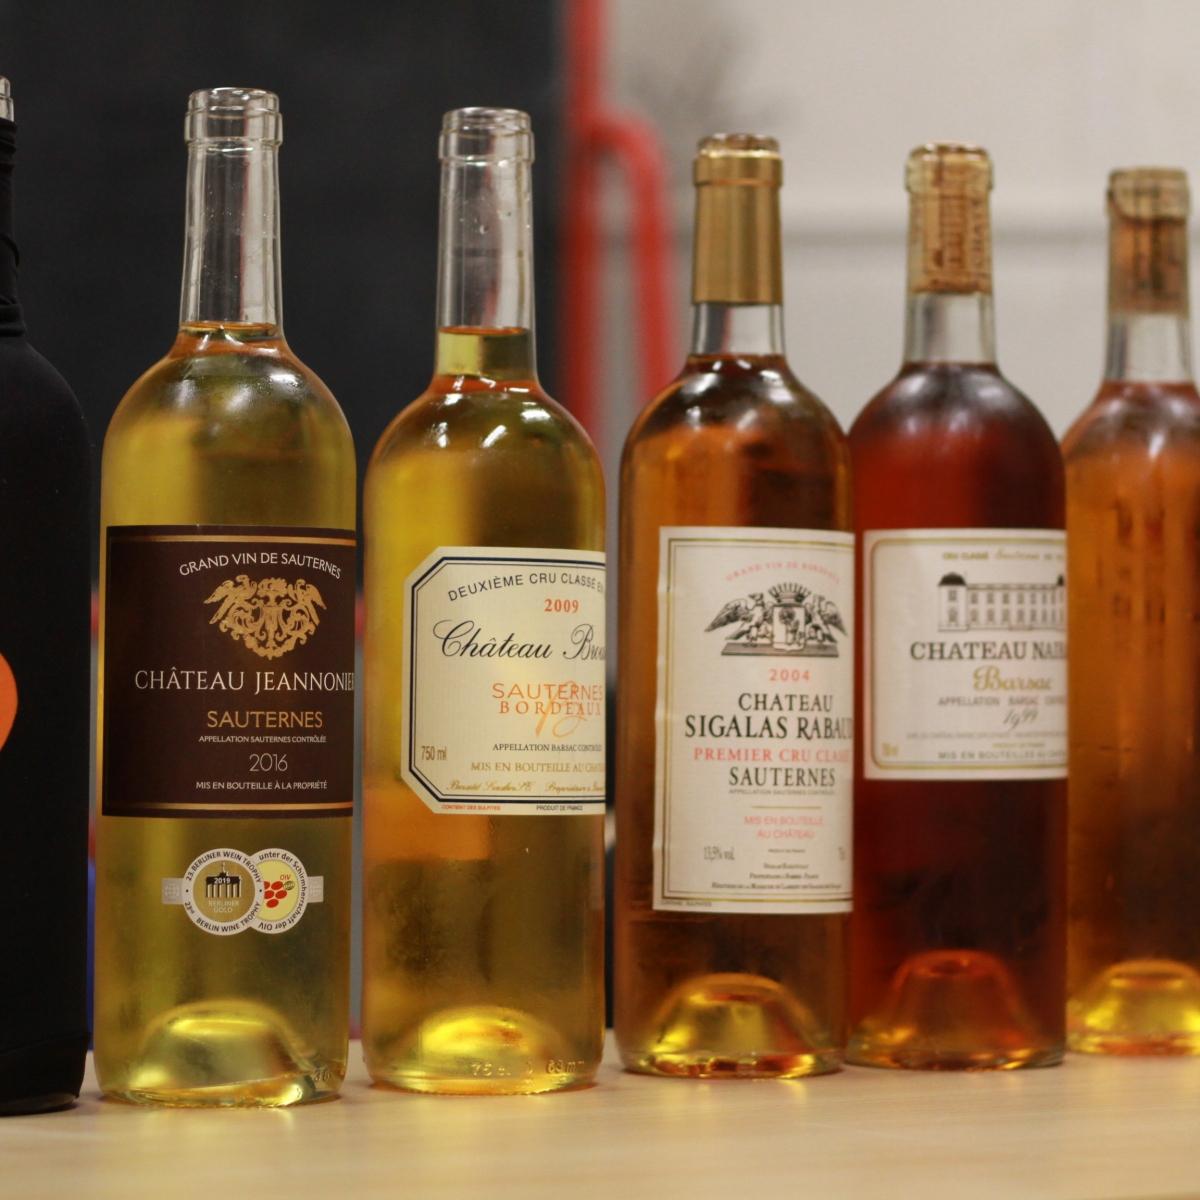 Nairac, Sigalas-Rabaud, Broustet : 3 des 6 bouteilles de Sauternes et Barsac dégustées